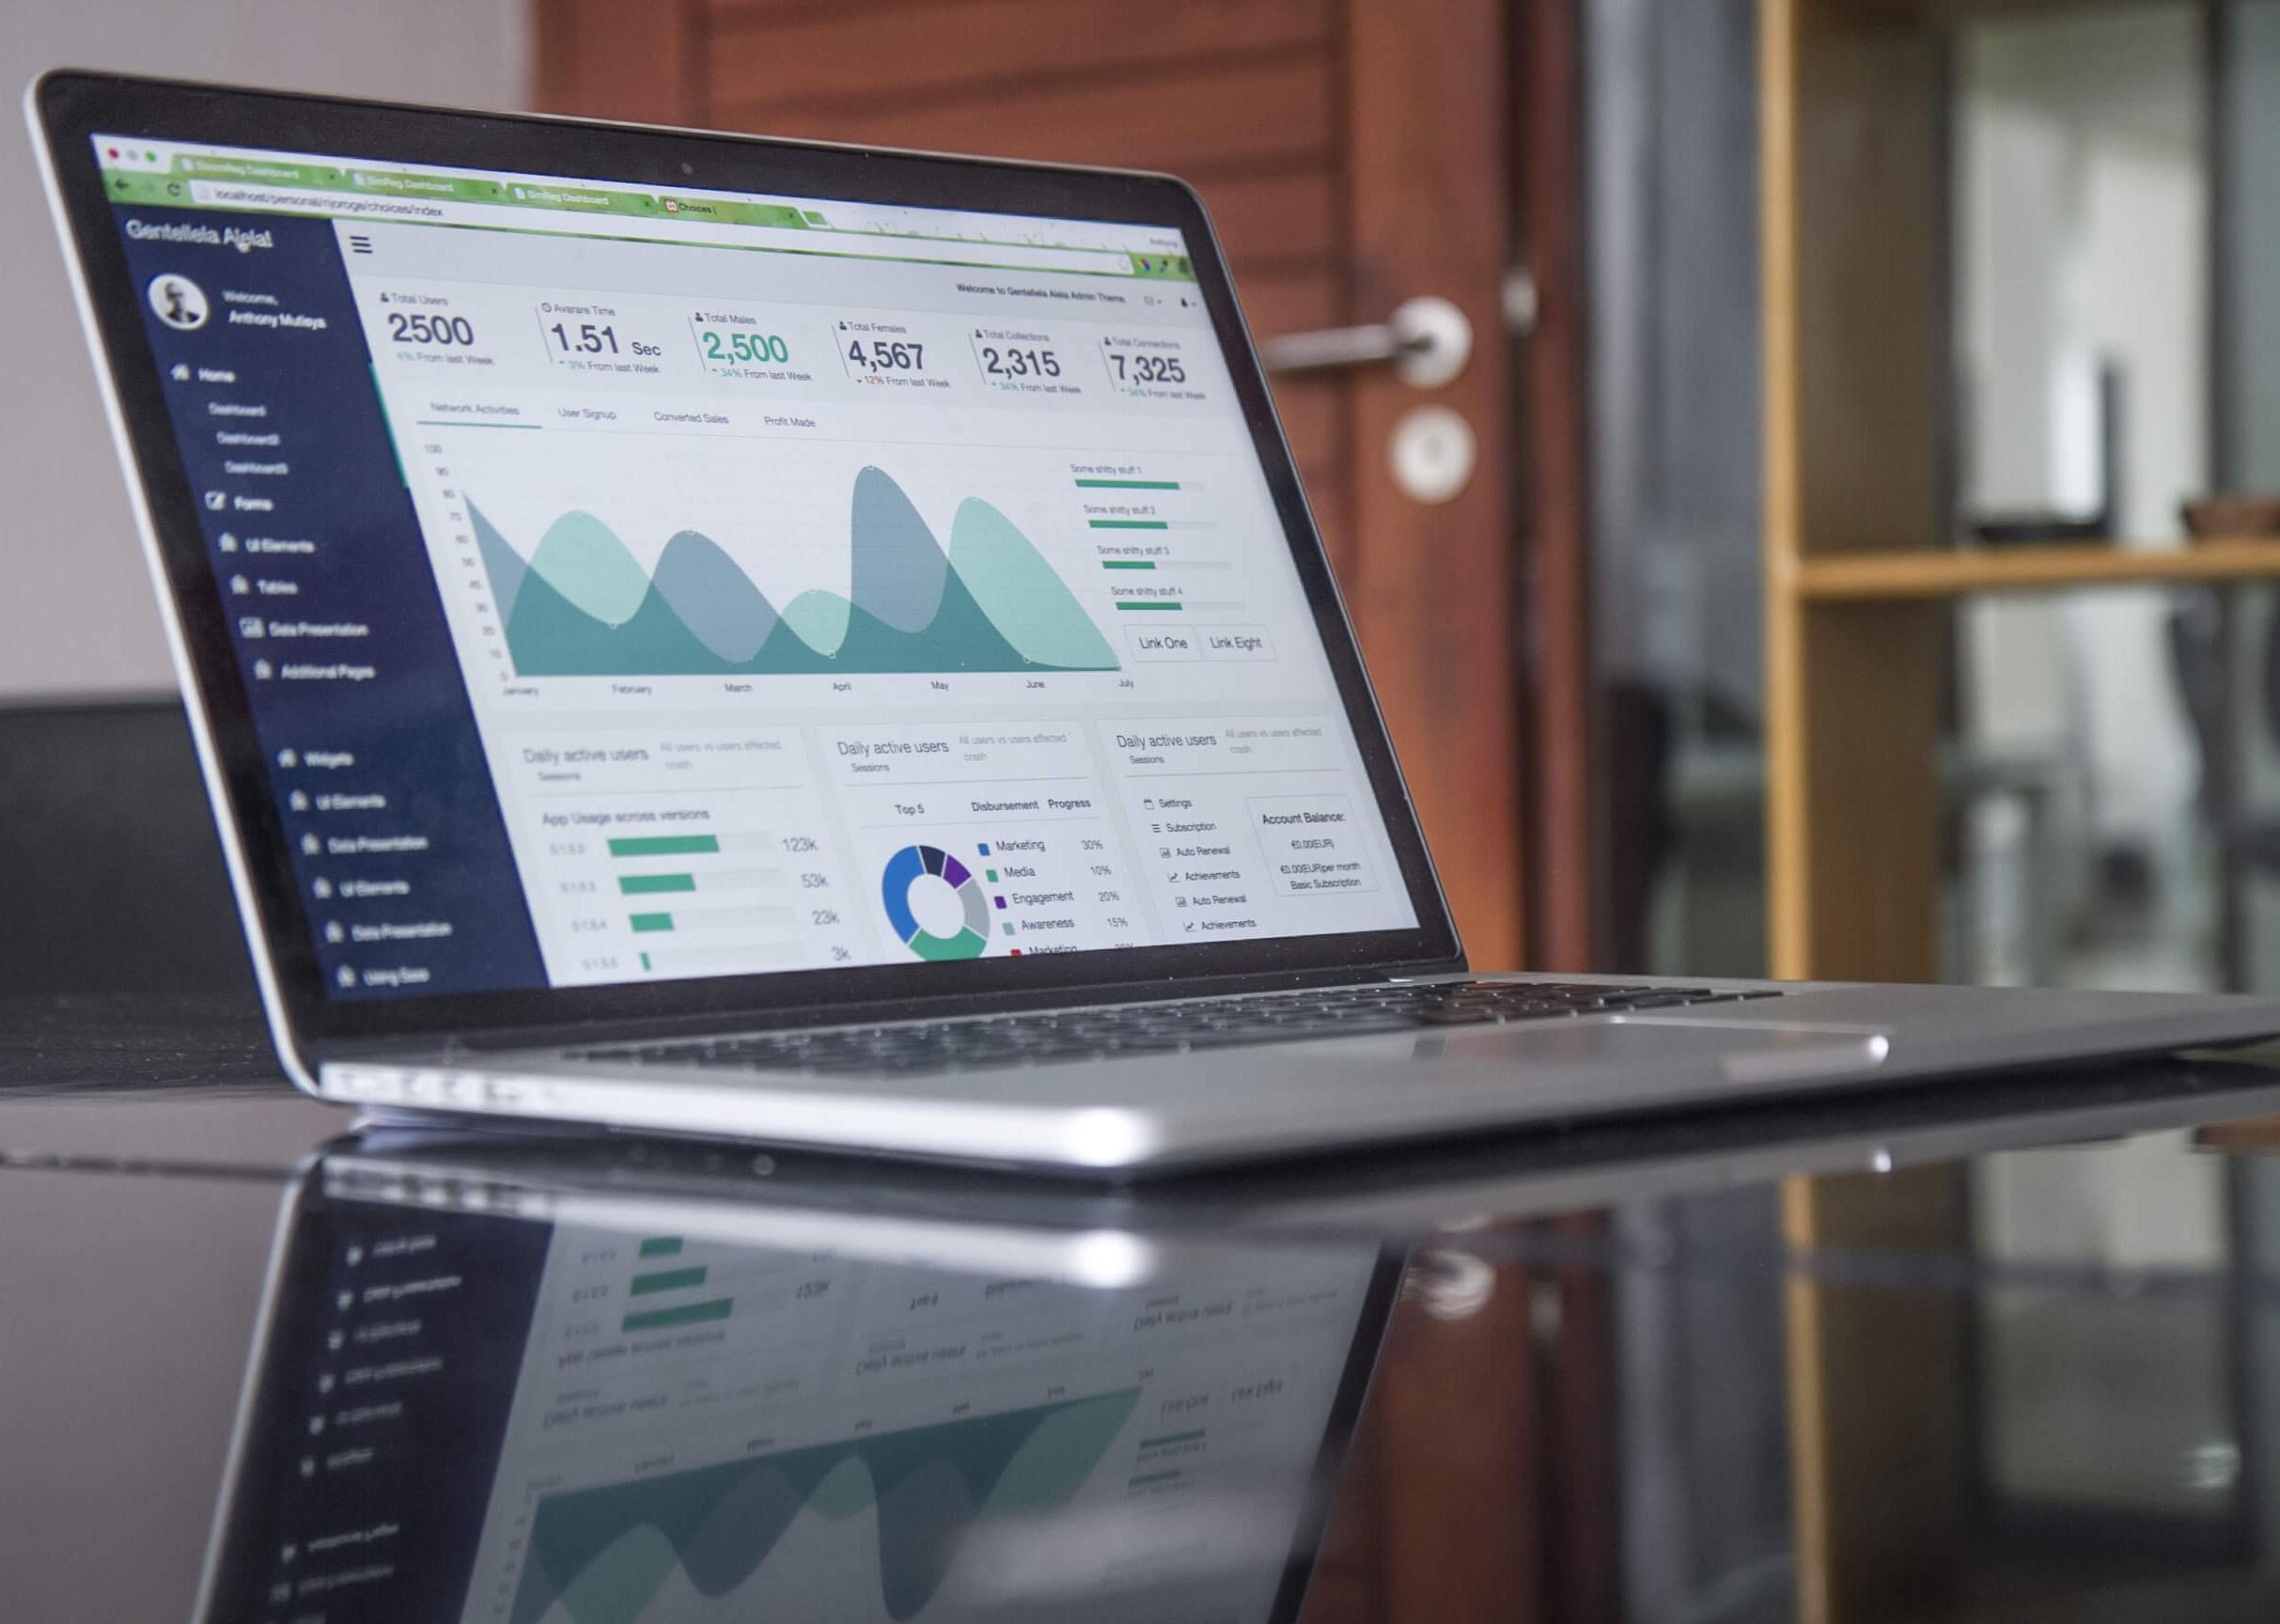 Consumers International - Informes de Crédito, Datos e Inteligencia Artificial: Tres Cuestiones Clave